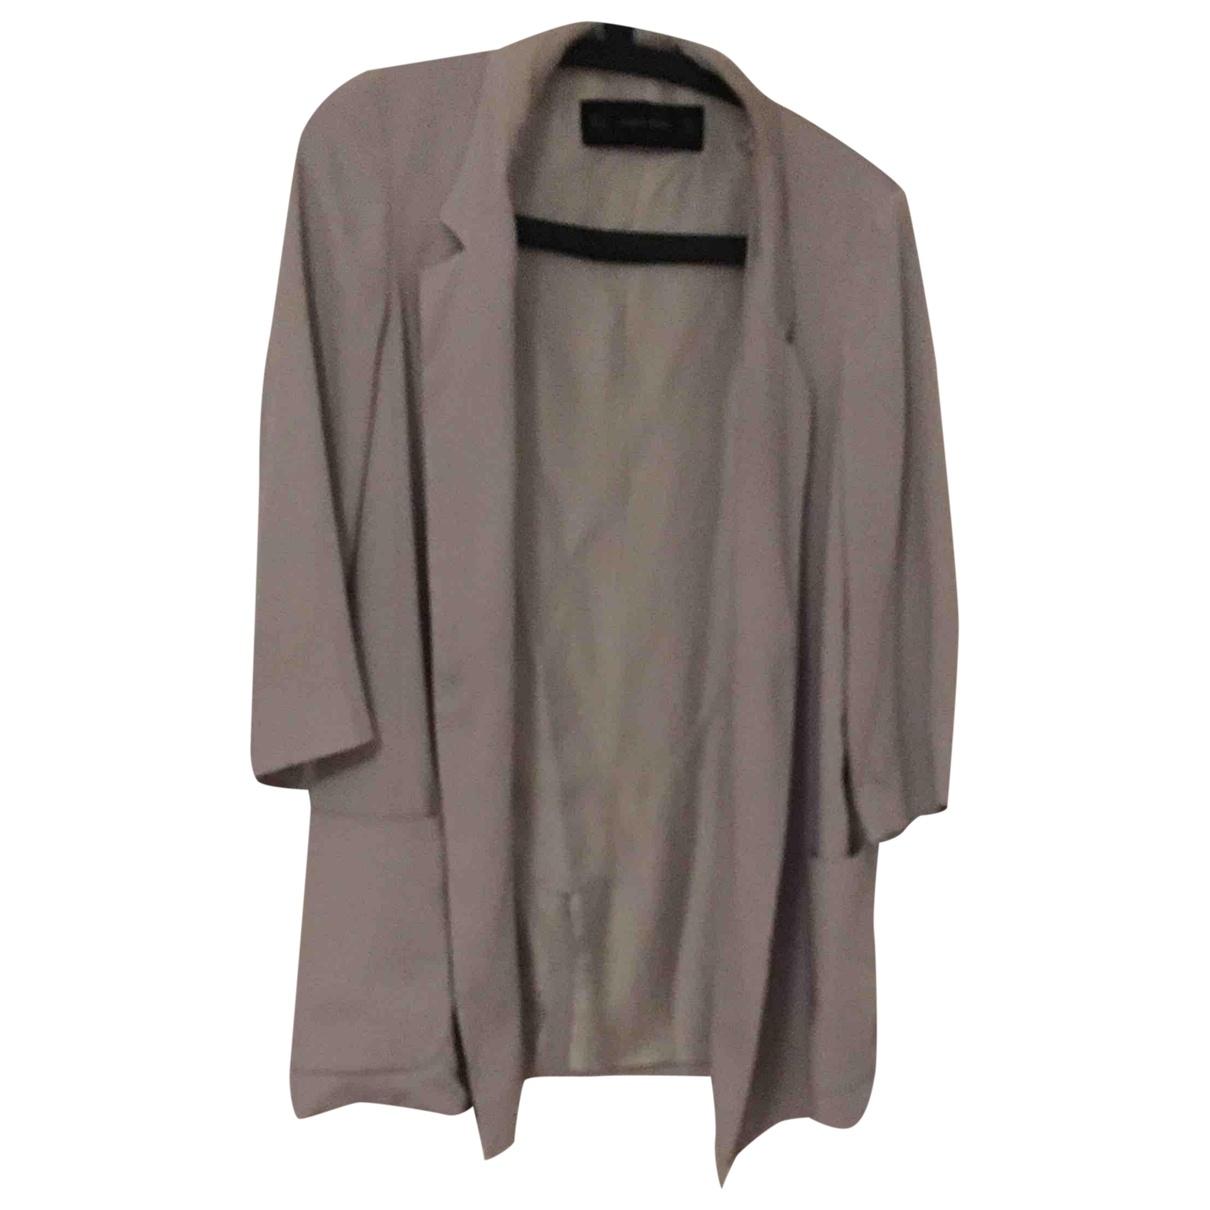 Zara \N Blue jacket for Women 34 FR